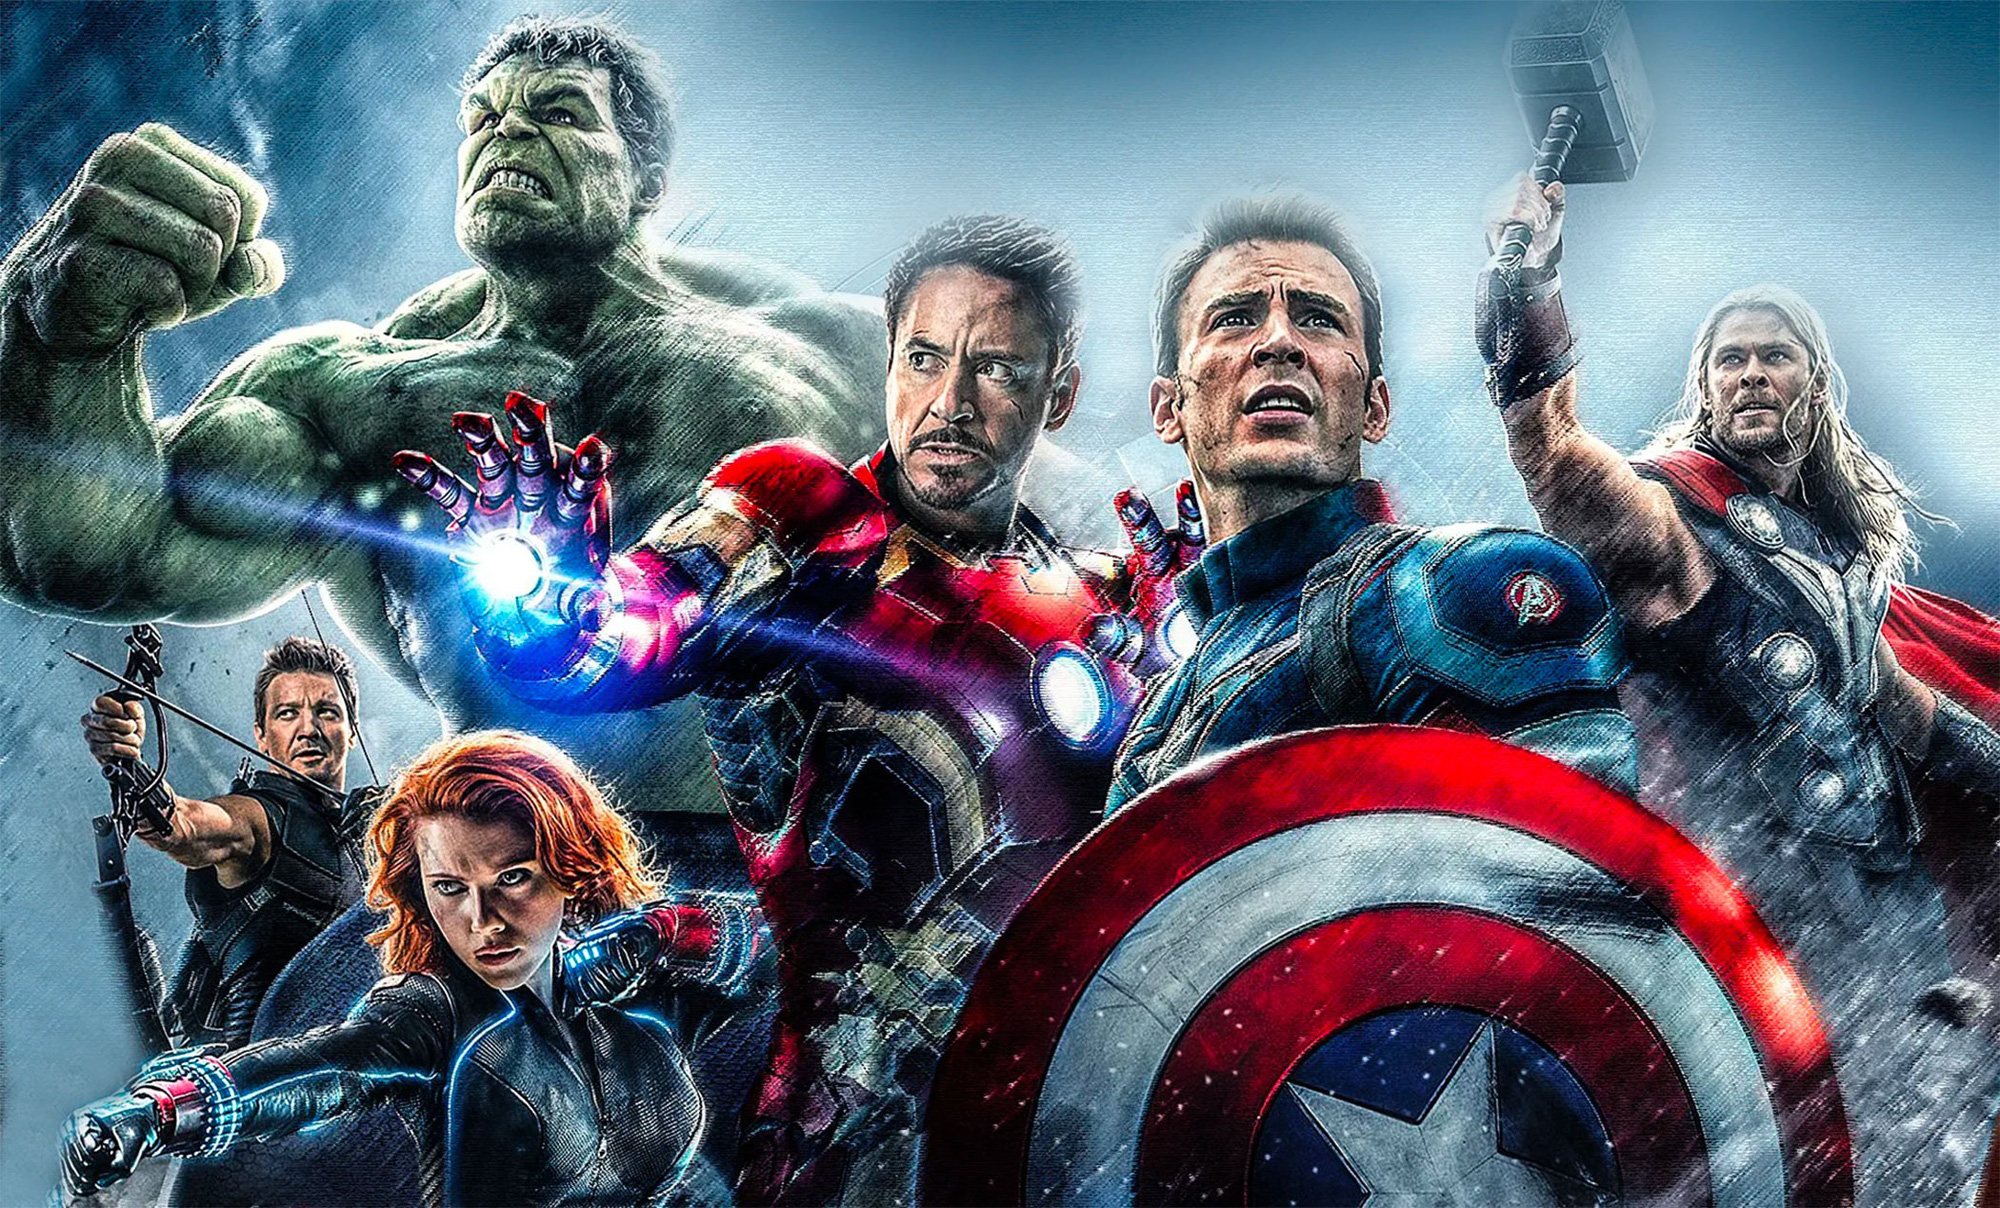 Tin đồn: nhà phát triển series XCOM đang làm game về SAH Marvel, nhân vật sẽ được sao Hollywood lồng tiếng - Ảnh 1.